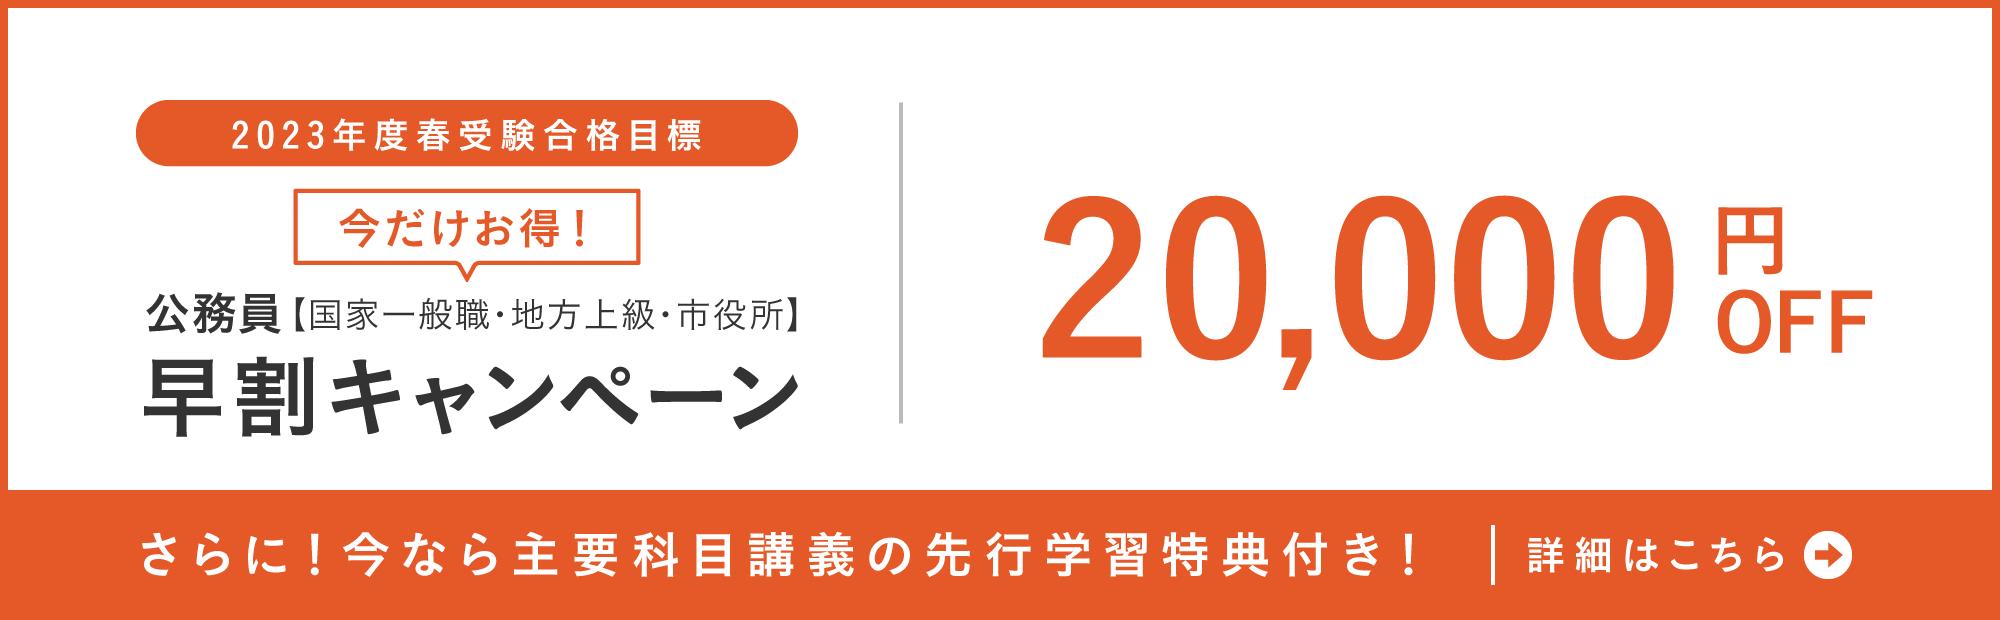 2023年度春受験合格目標 早割キャンペーン 20,000円OFF